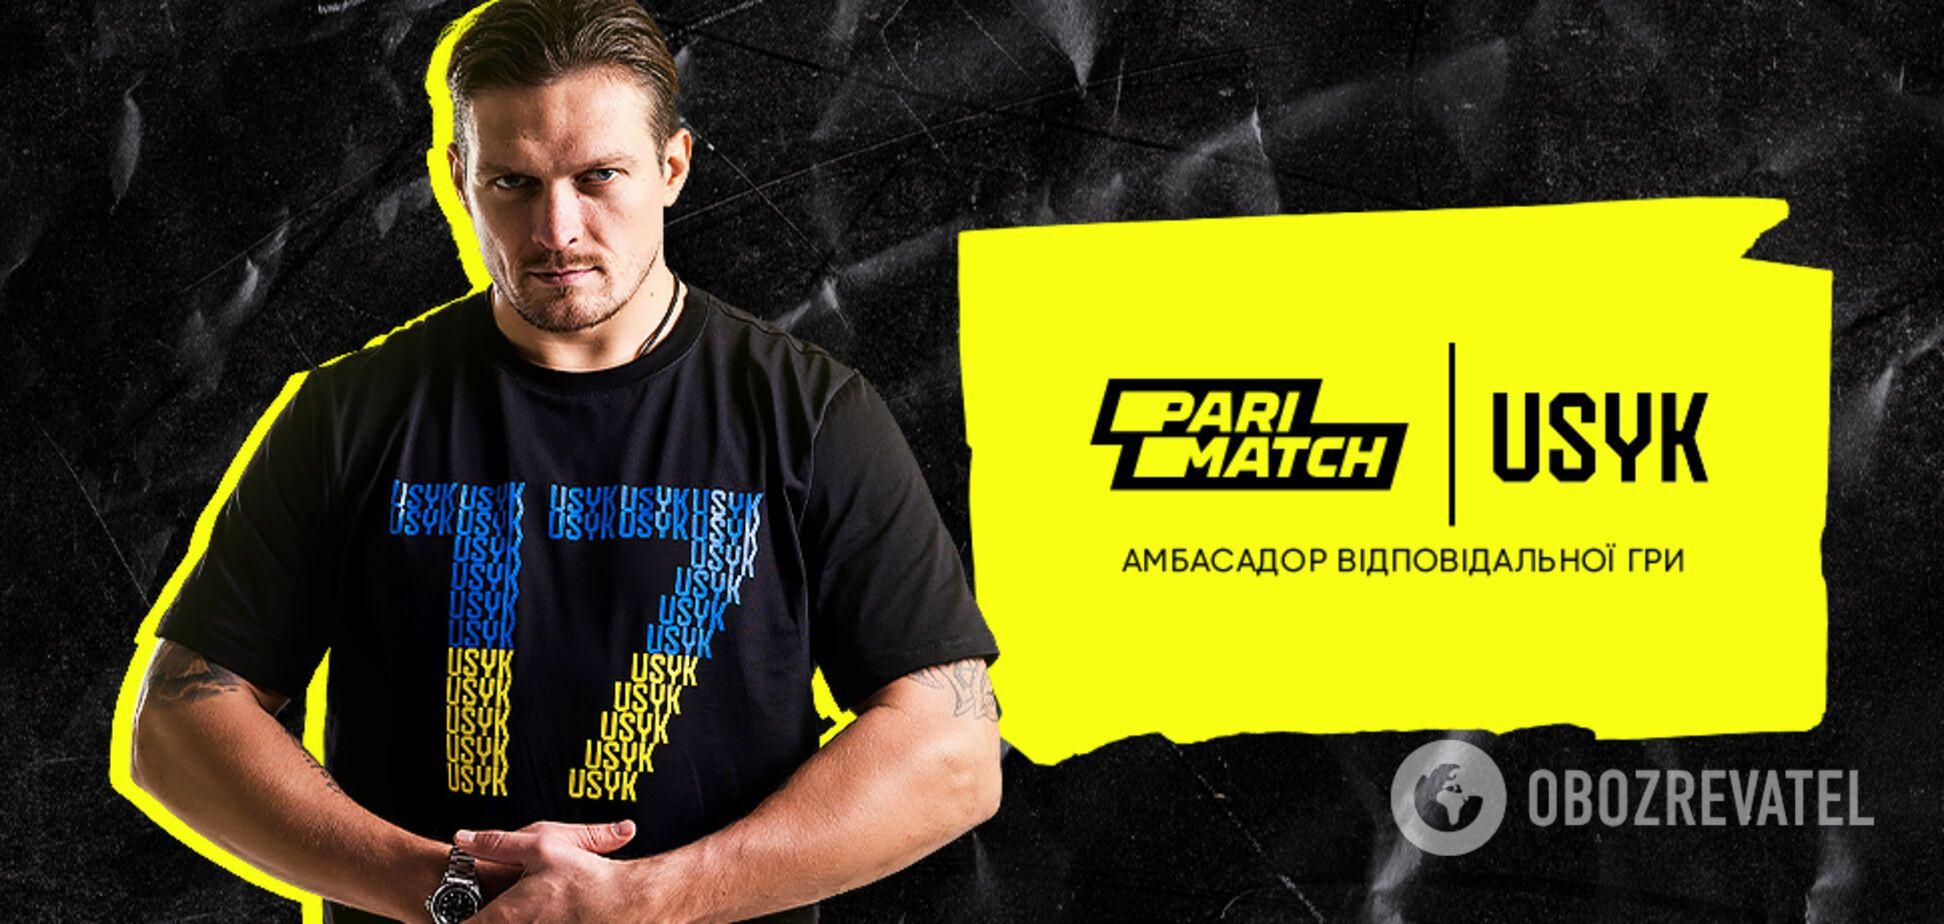 Parimatch Ukraine запускает масштабную платформу Responsible Gambling: Болей сердцем - играй головой!